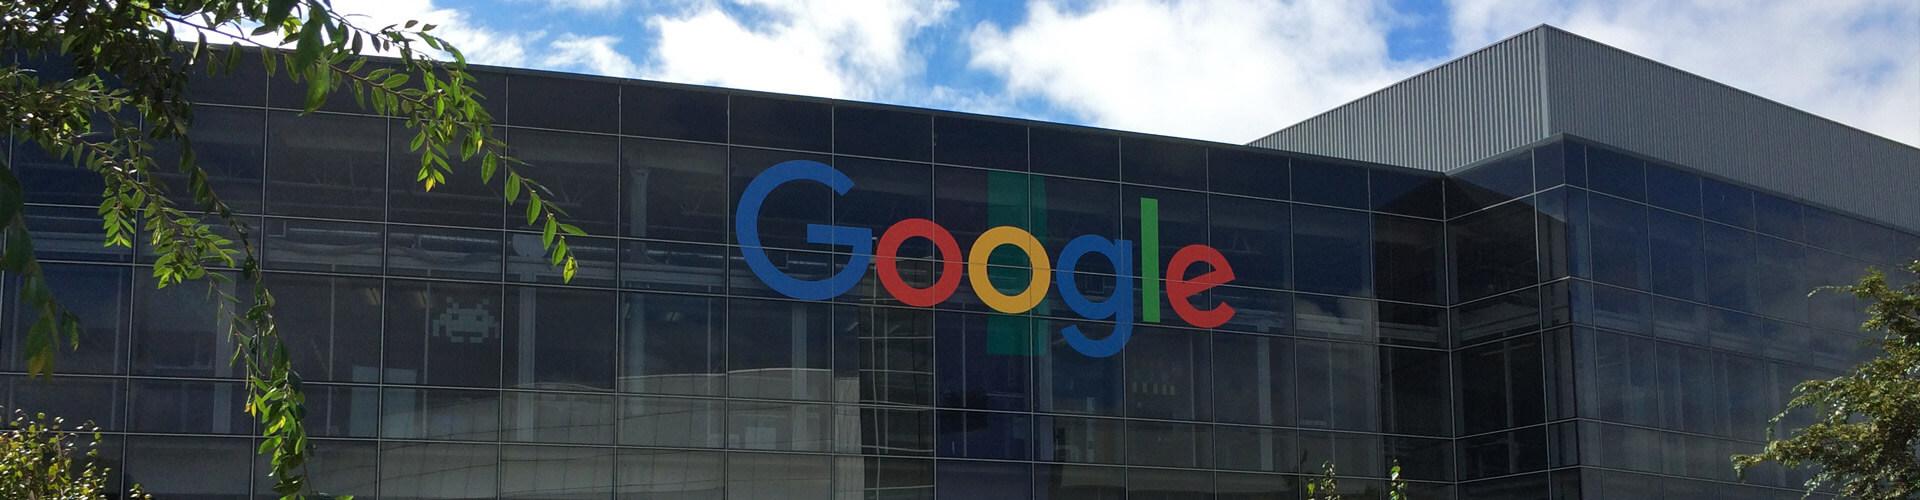 Google Comenzará A Rastrear Los Enlaces Nofollow,